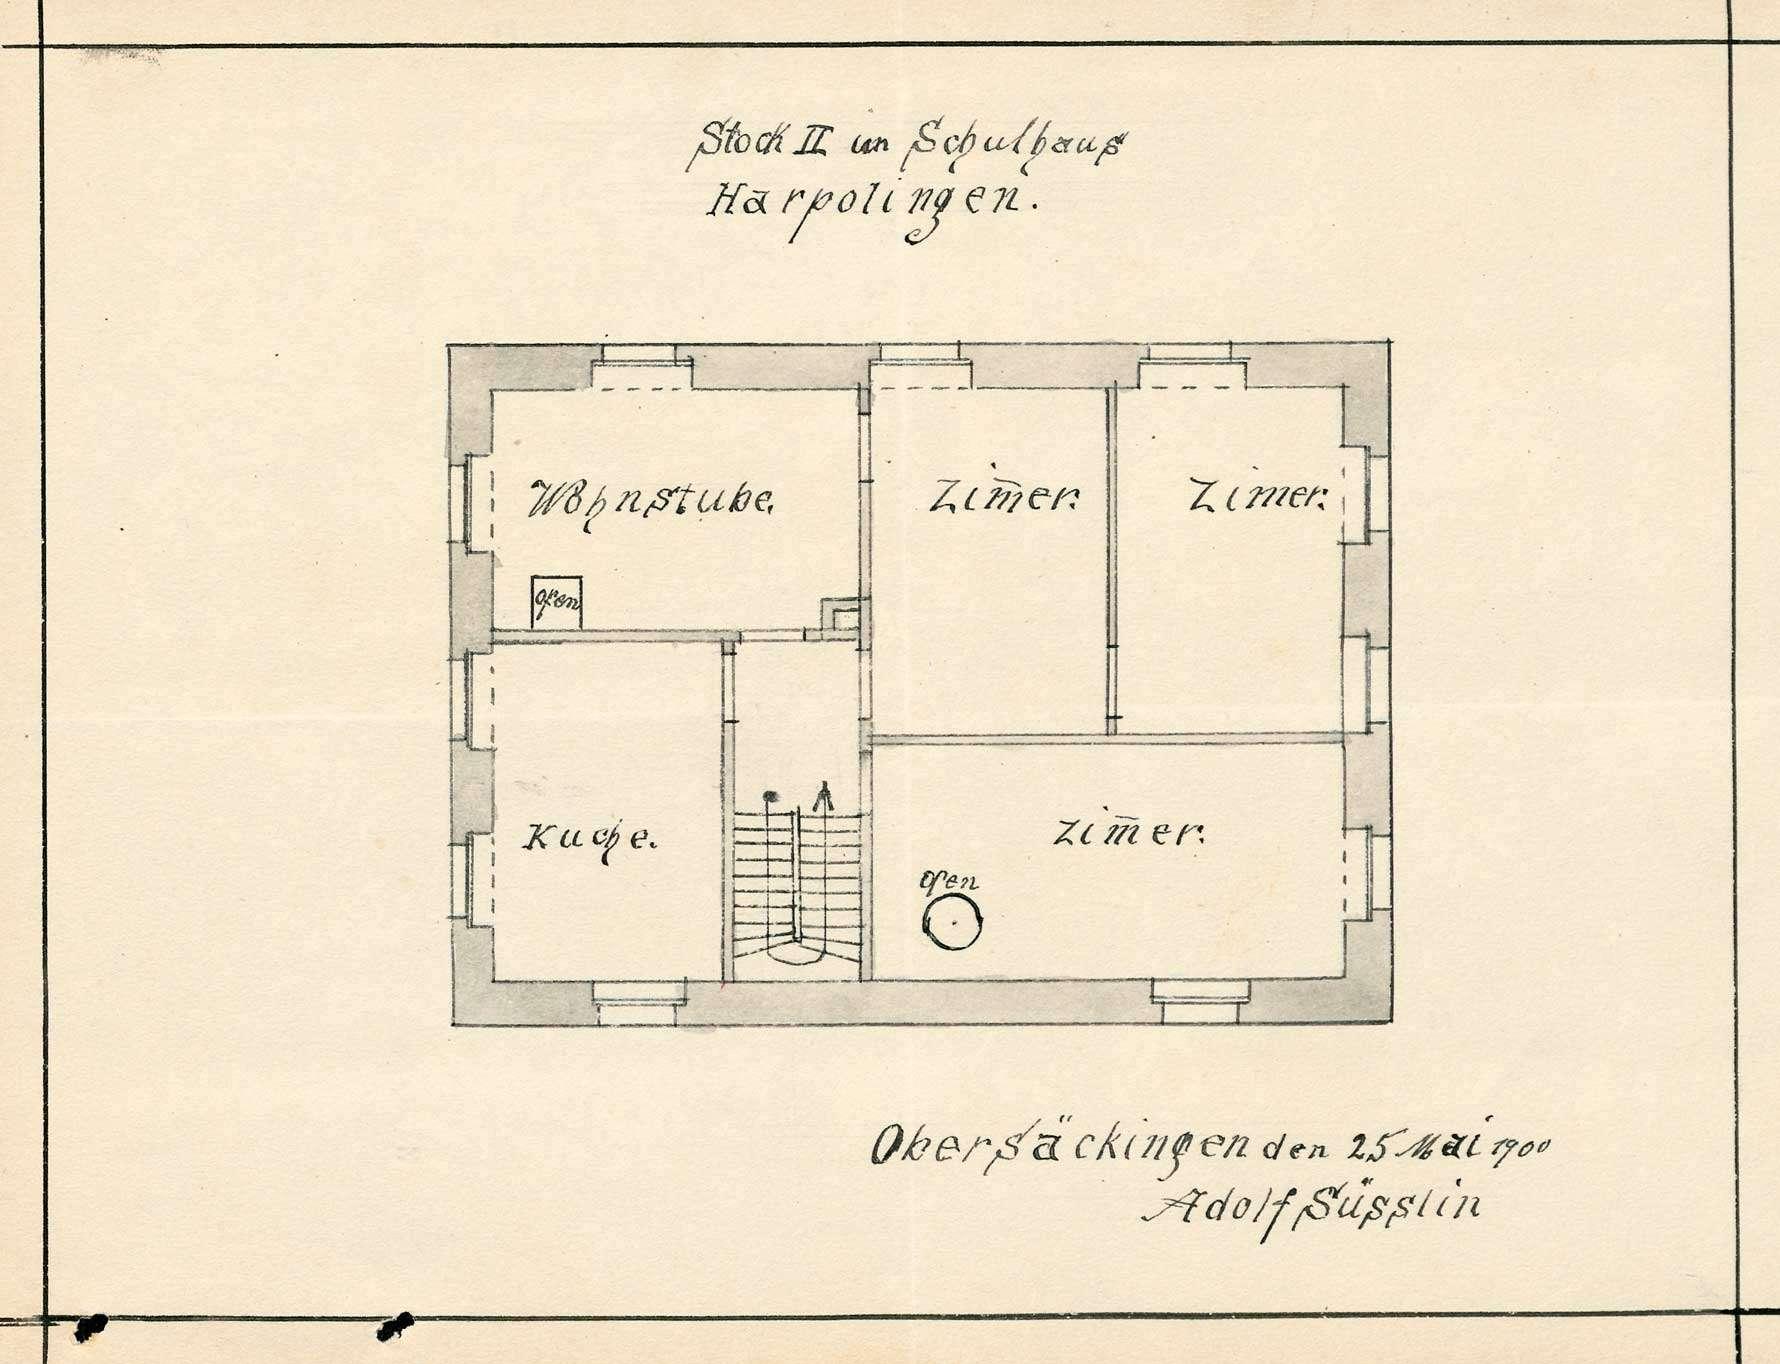 Bau und Unterhaltung des Schulhauses der Gemeinde Harpolingen, Bild 3